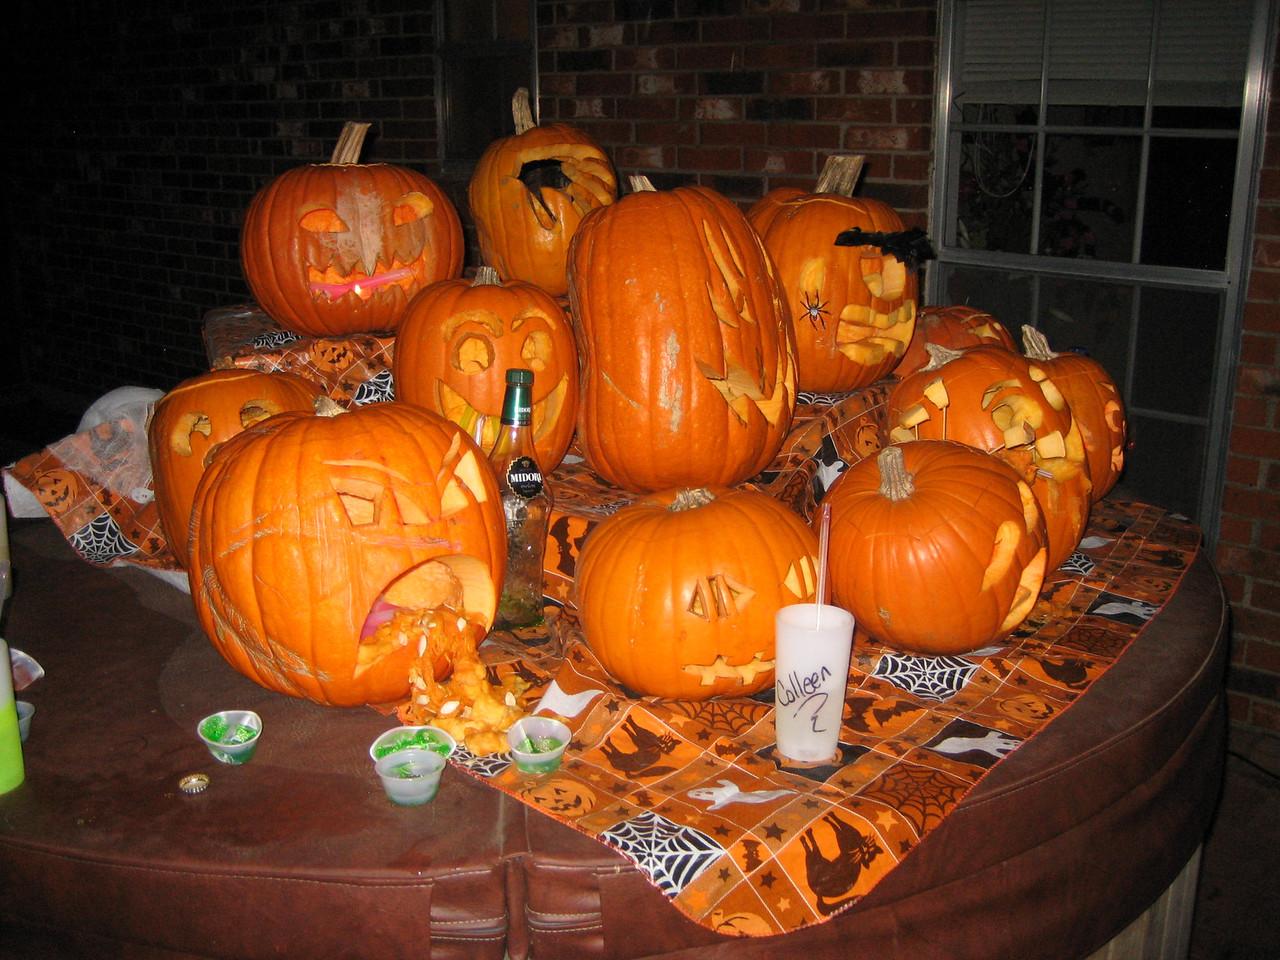 Bizarre pumpkins!